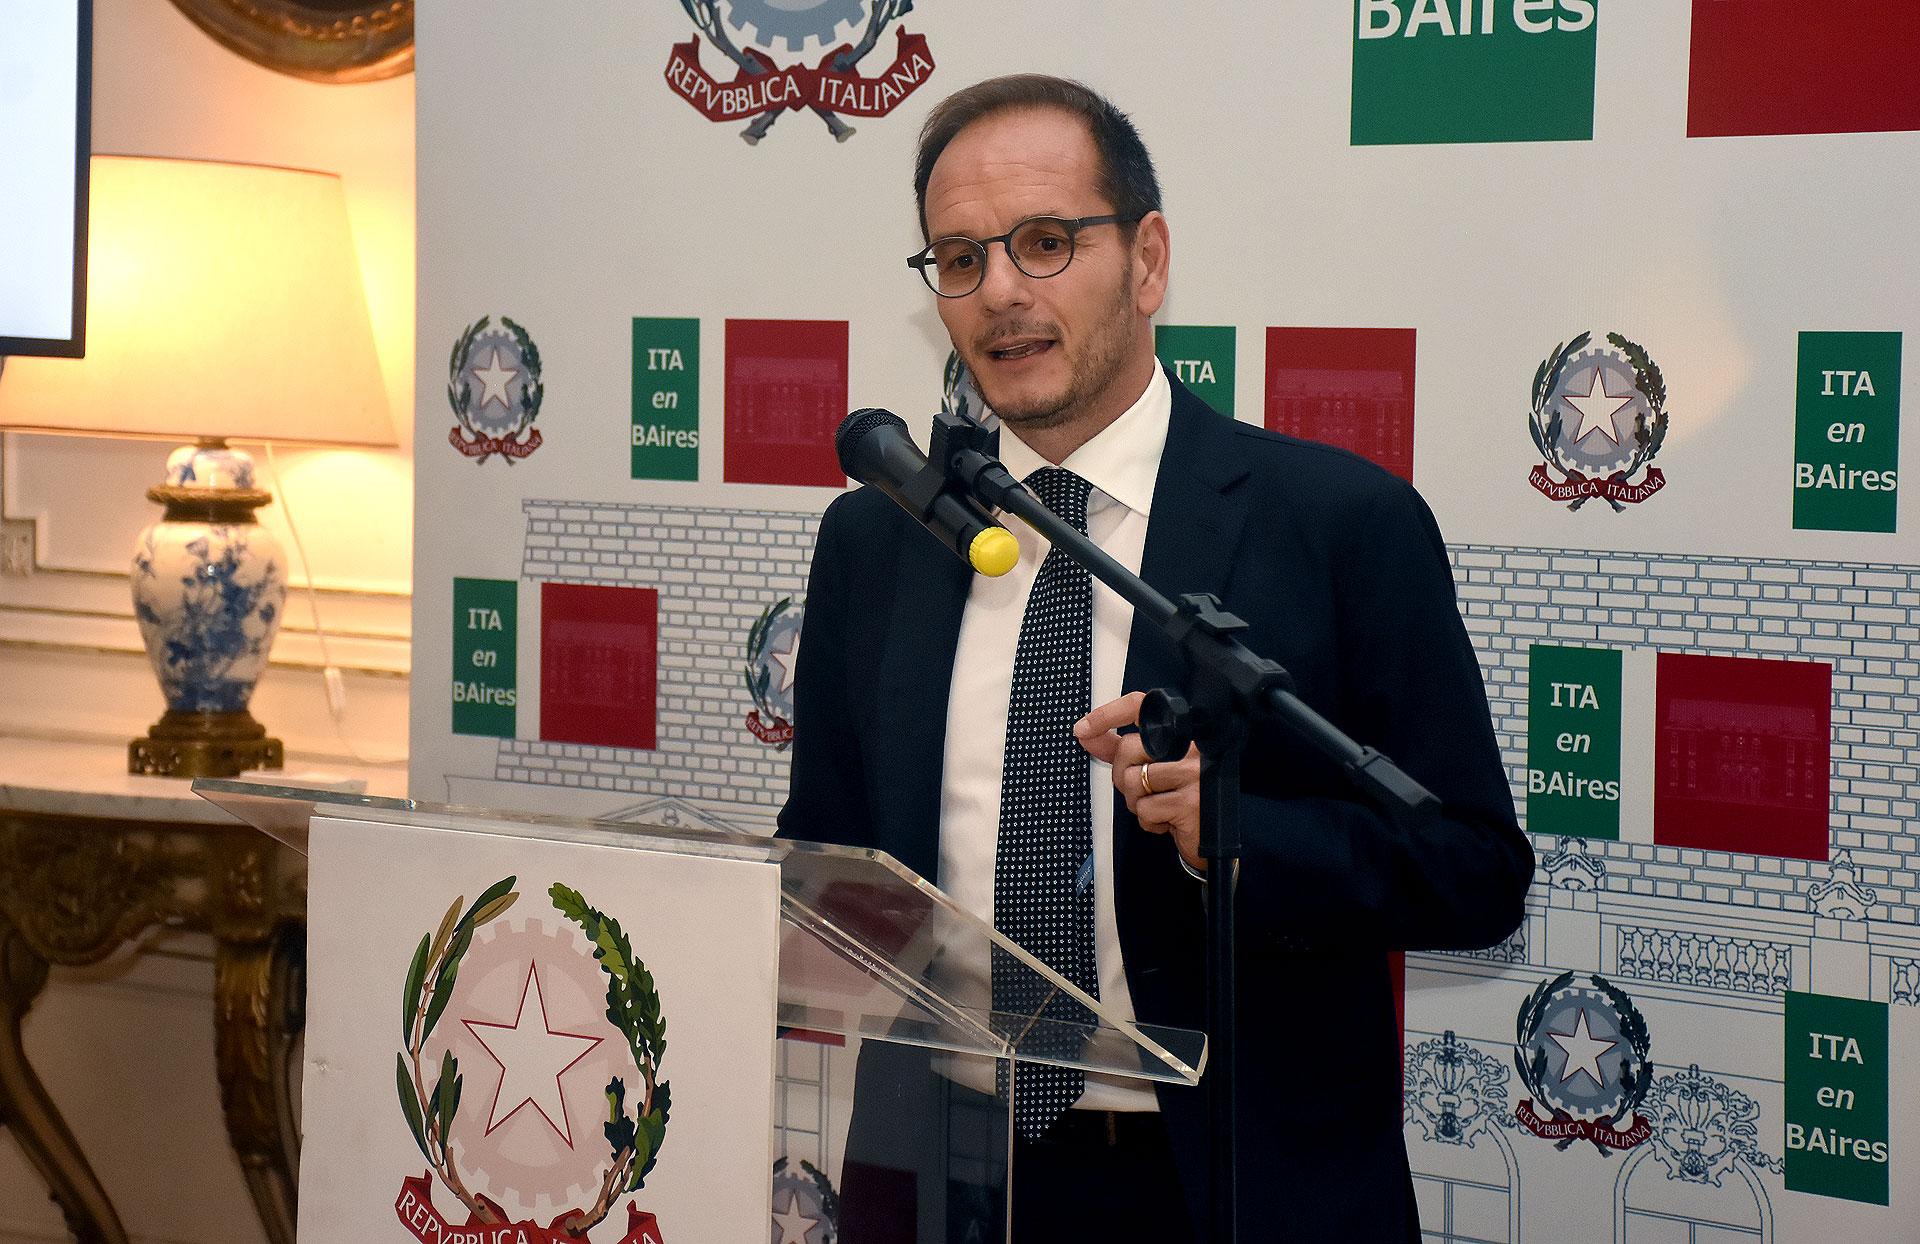 El embajador de Italia en la Argentina, Giuseppe Manzo